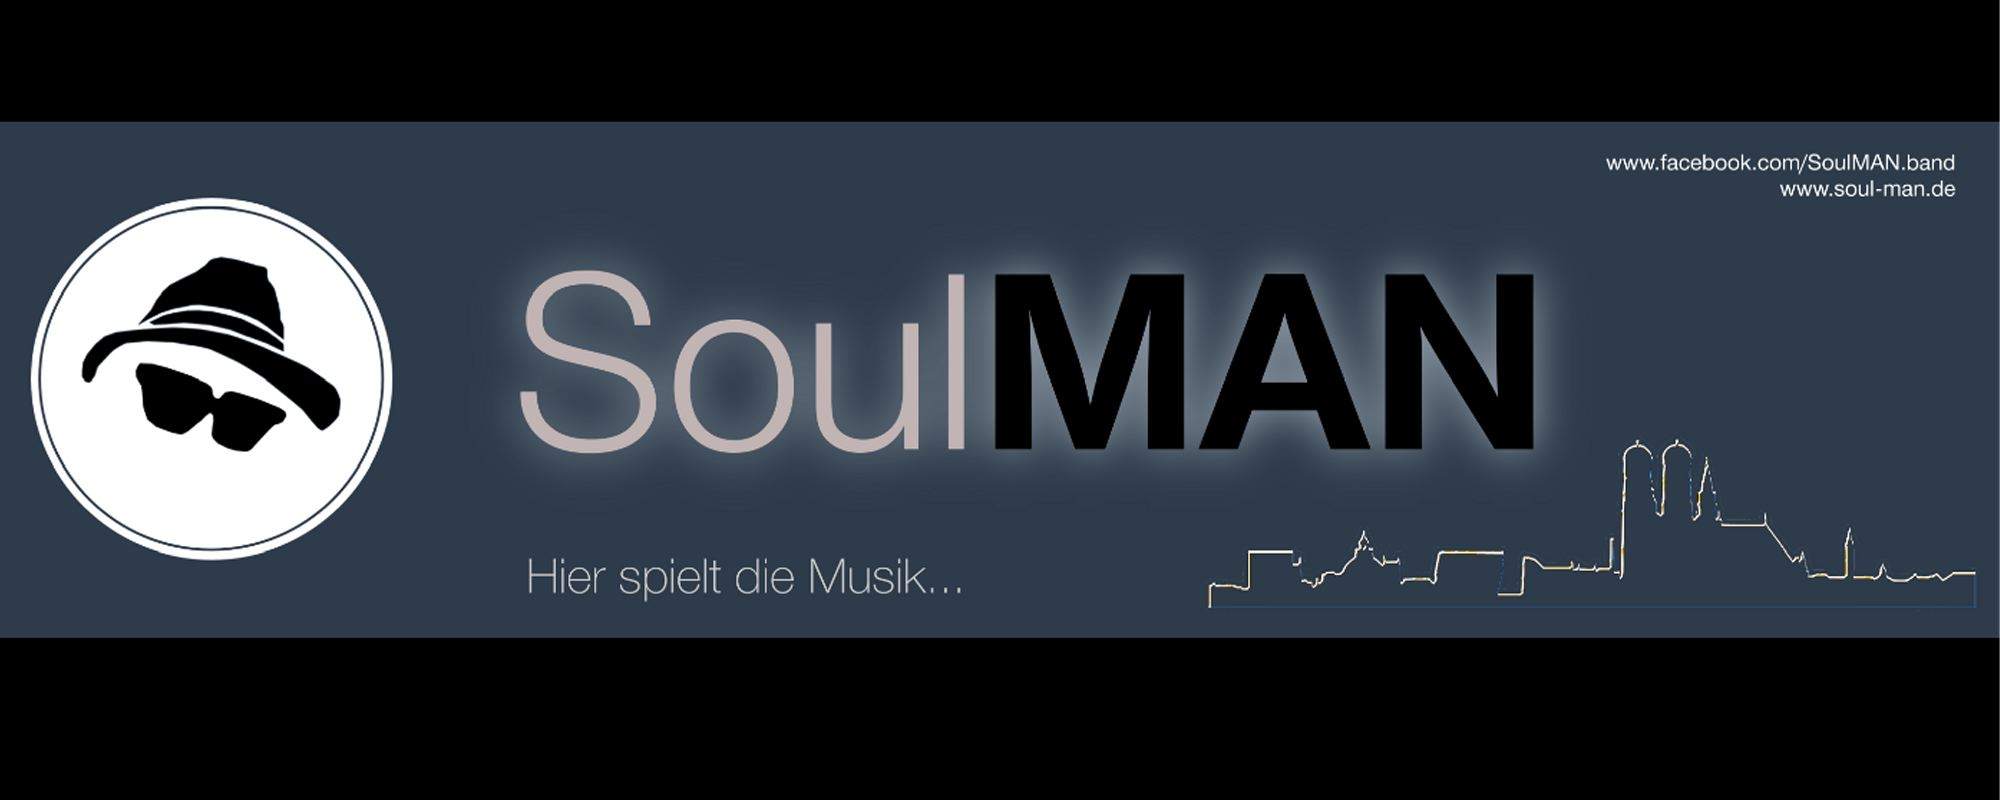 SoulMAN_Banner